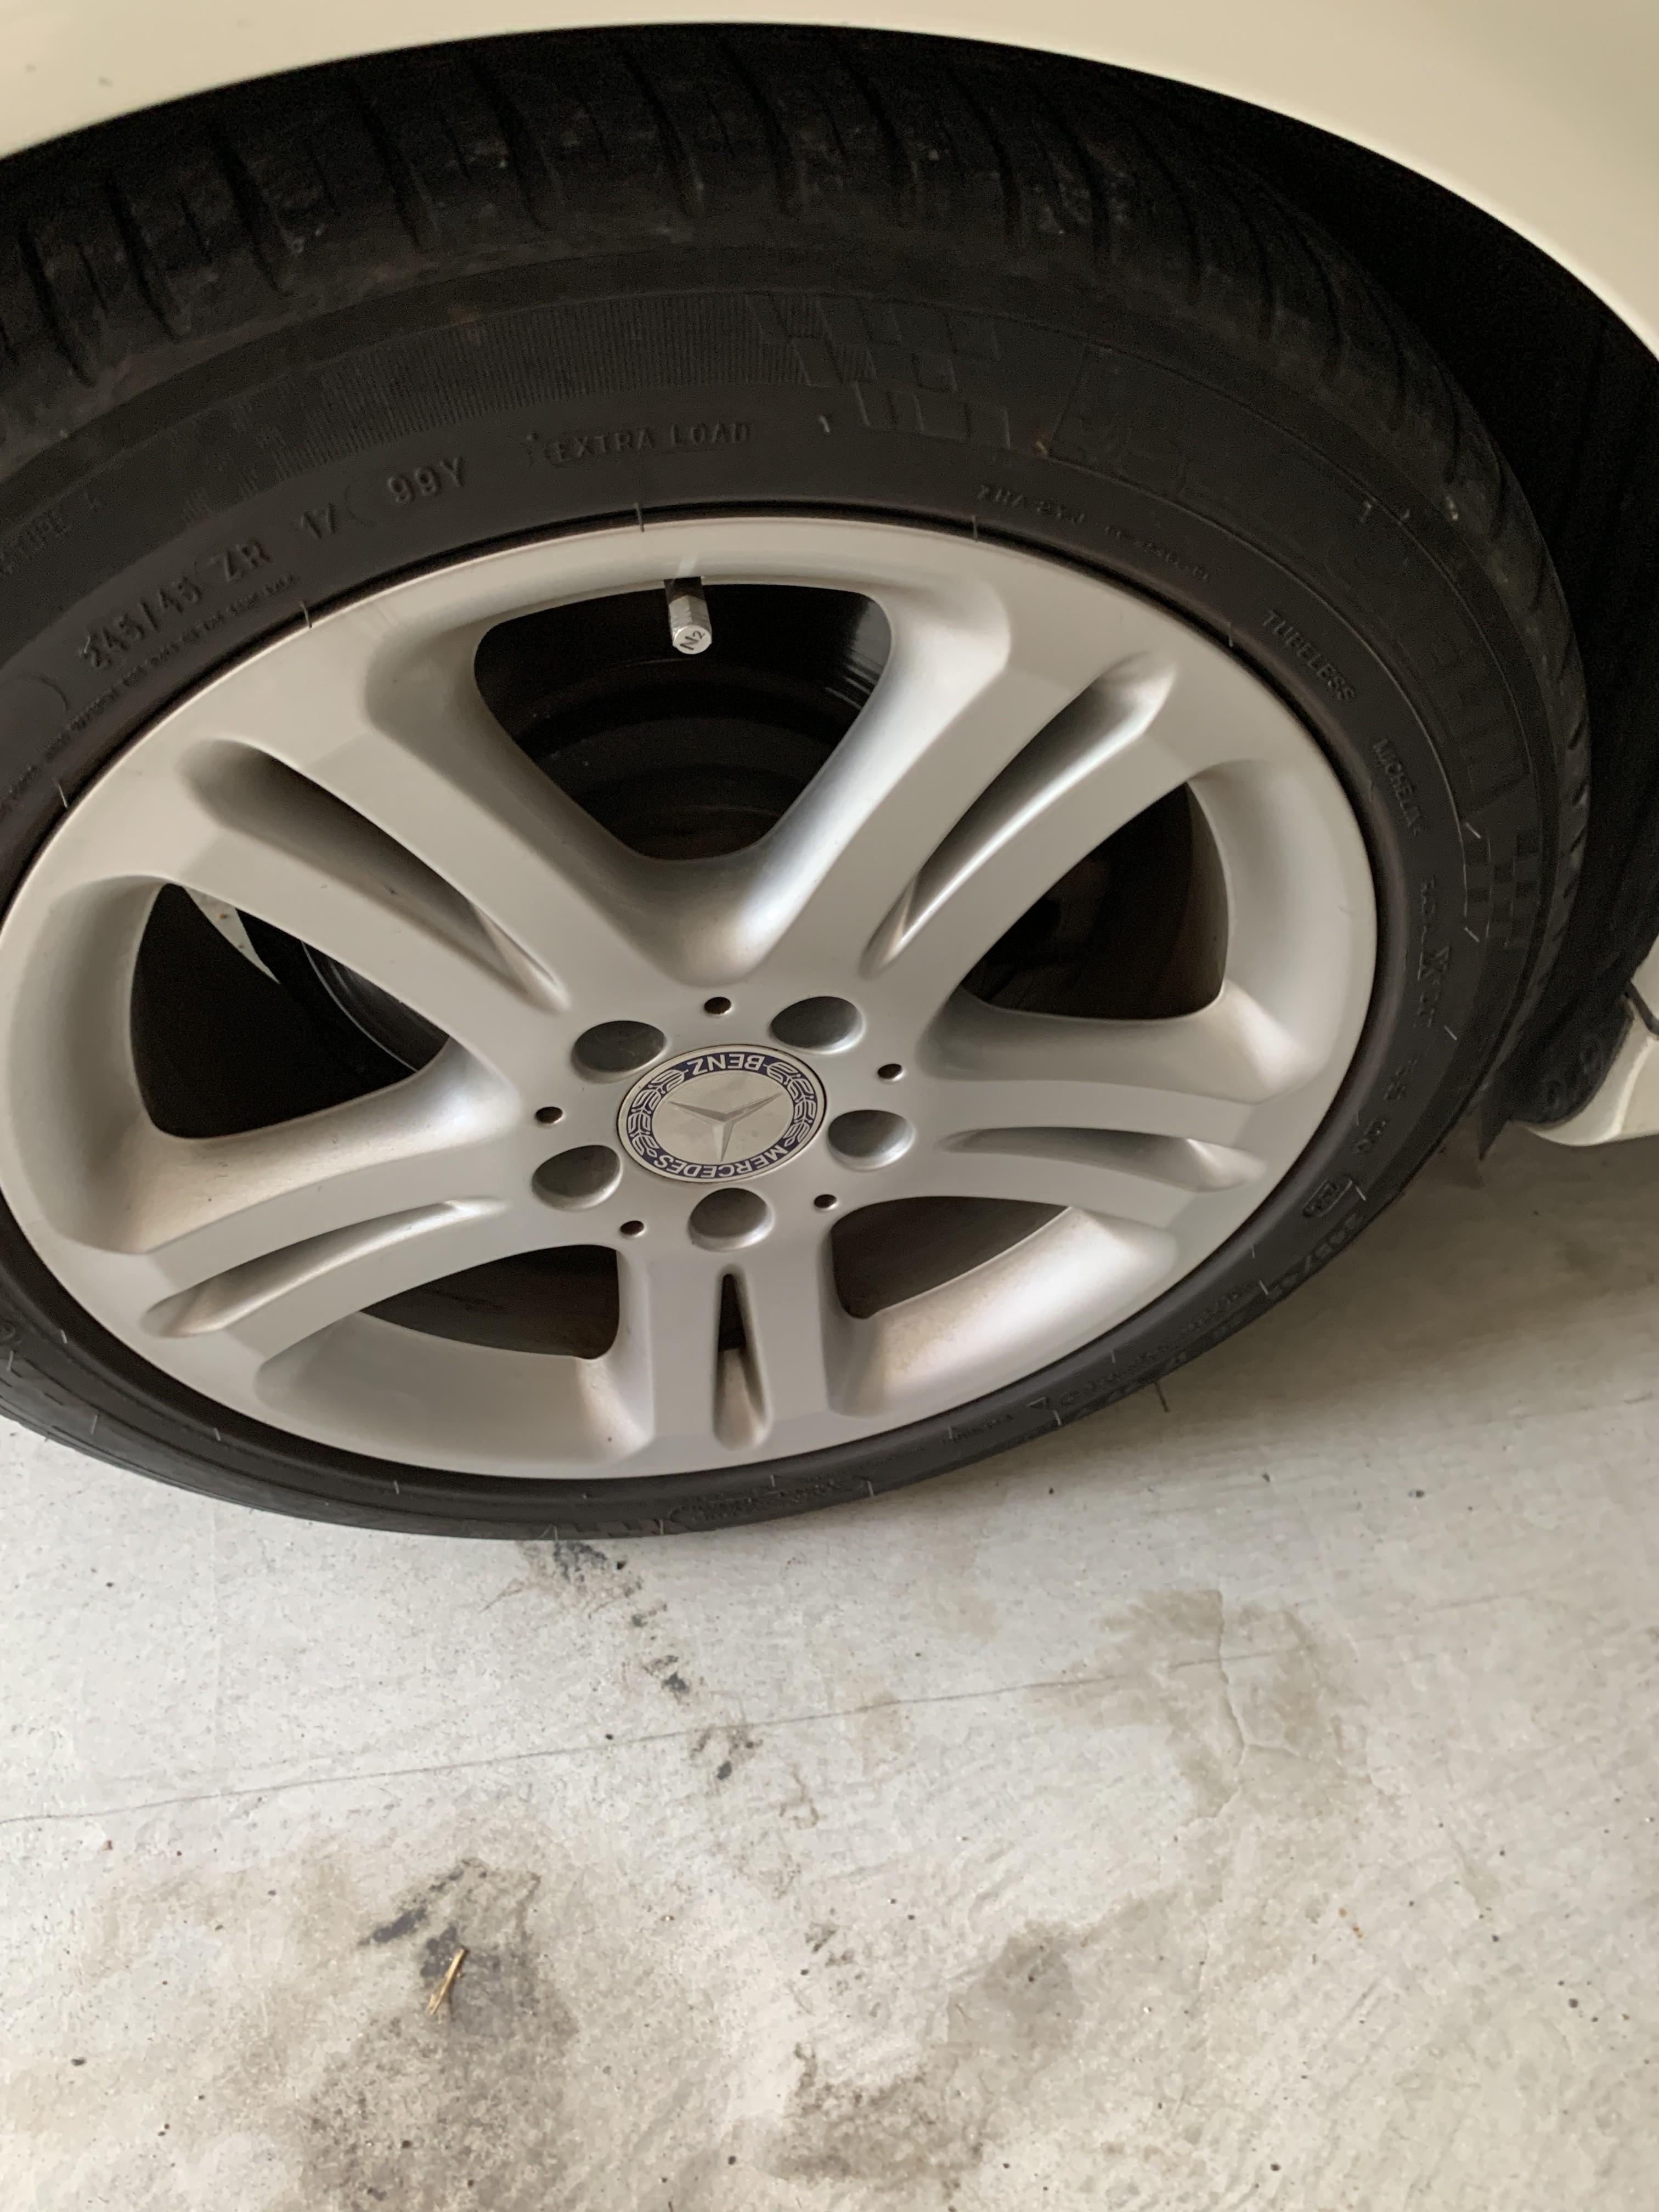 すり減った交換前のタイヤ